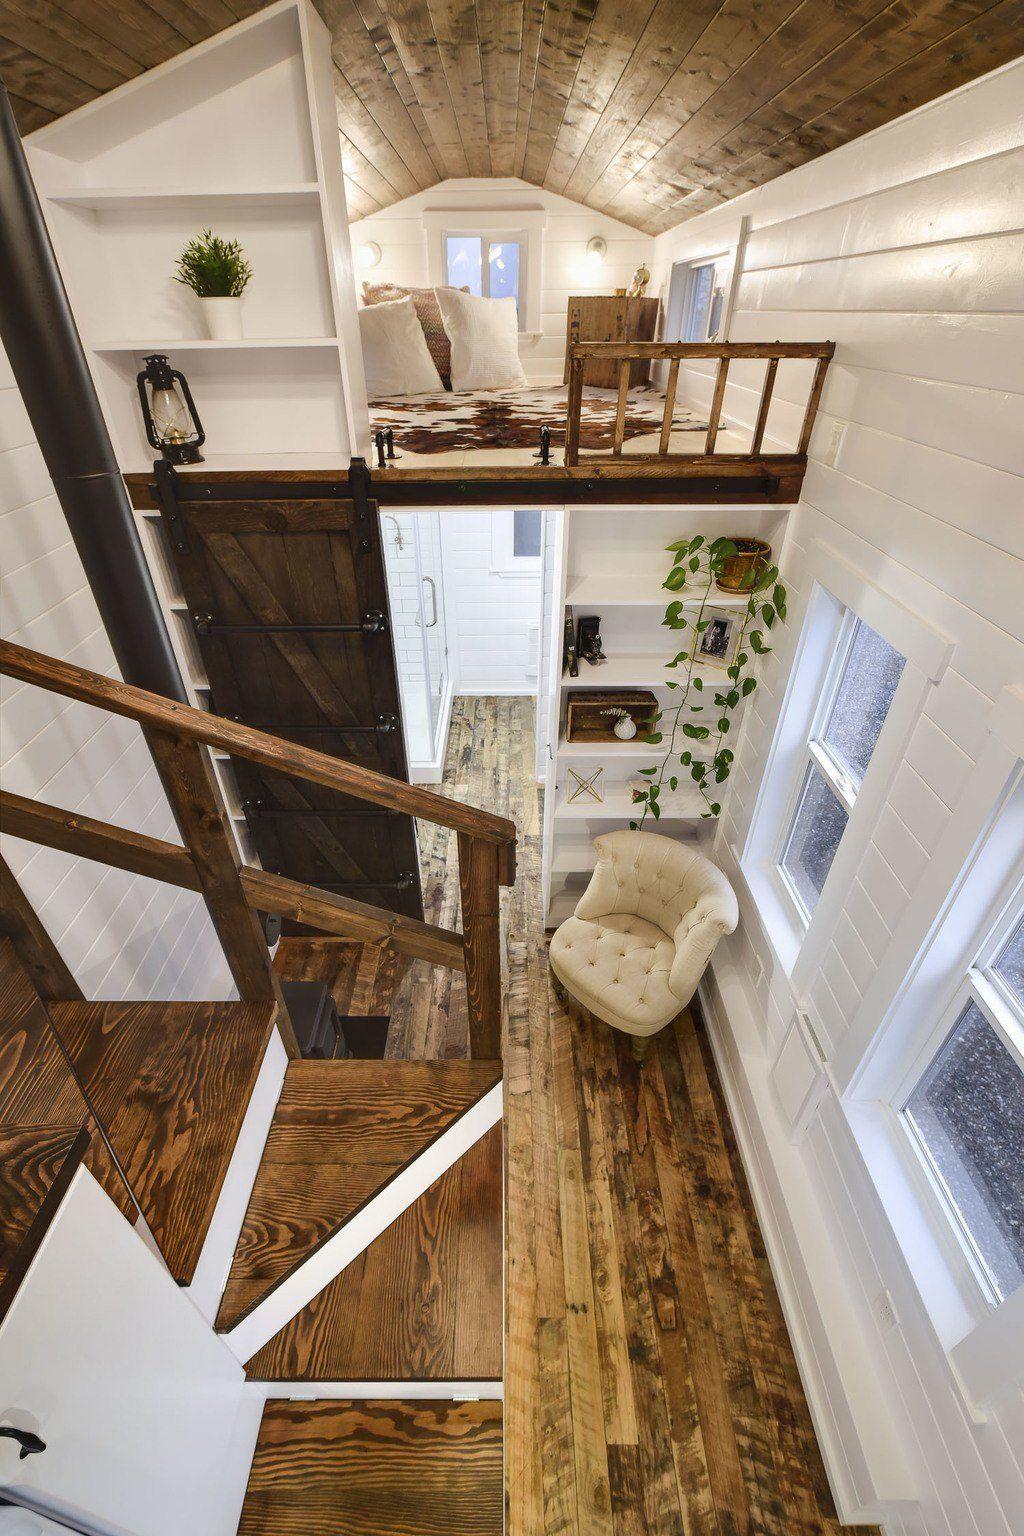 Rustic Loft Tiny House Luxury Tiny House Company Tiny House Interior